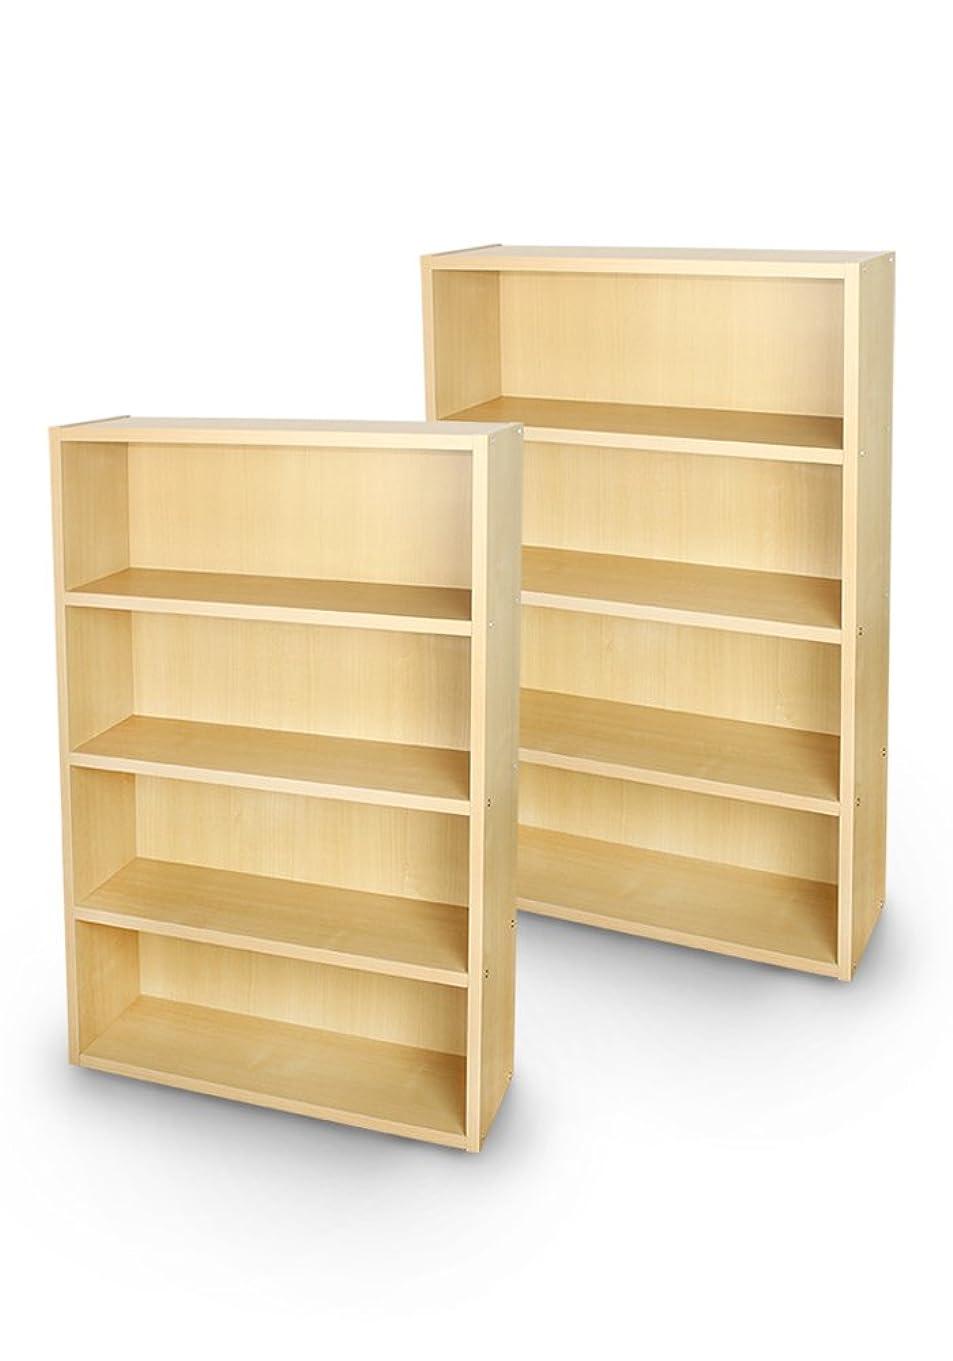 手首キャビンつまらない本棚 コミック収納ラック 4段 幅59.5×奥行20×高さ89cm 2個組 木製 日本製 TKM-7042